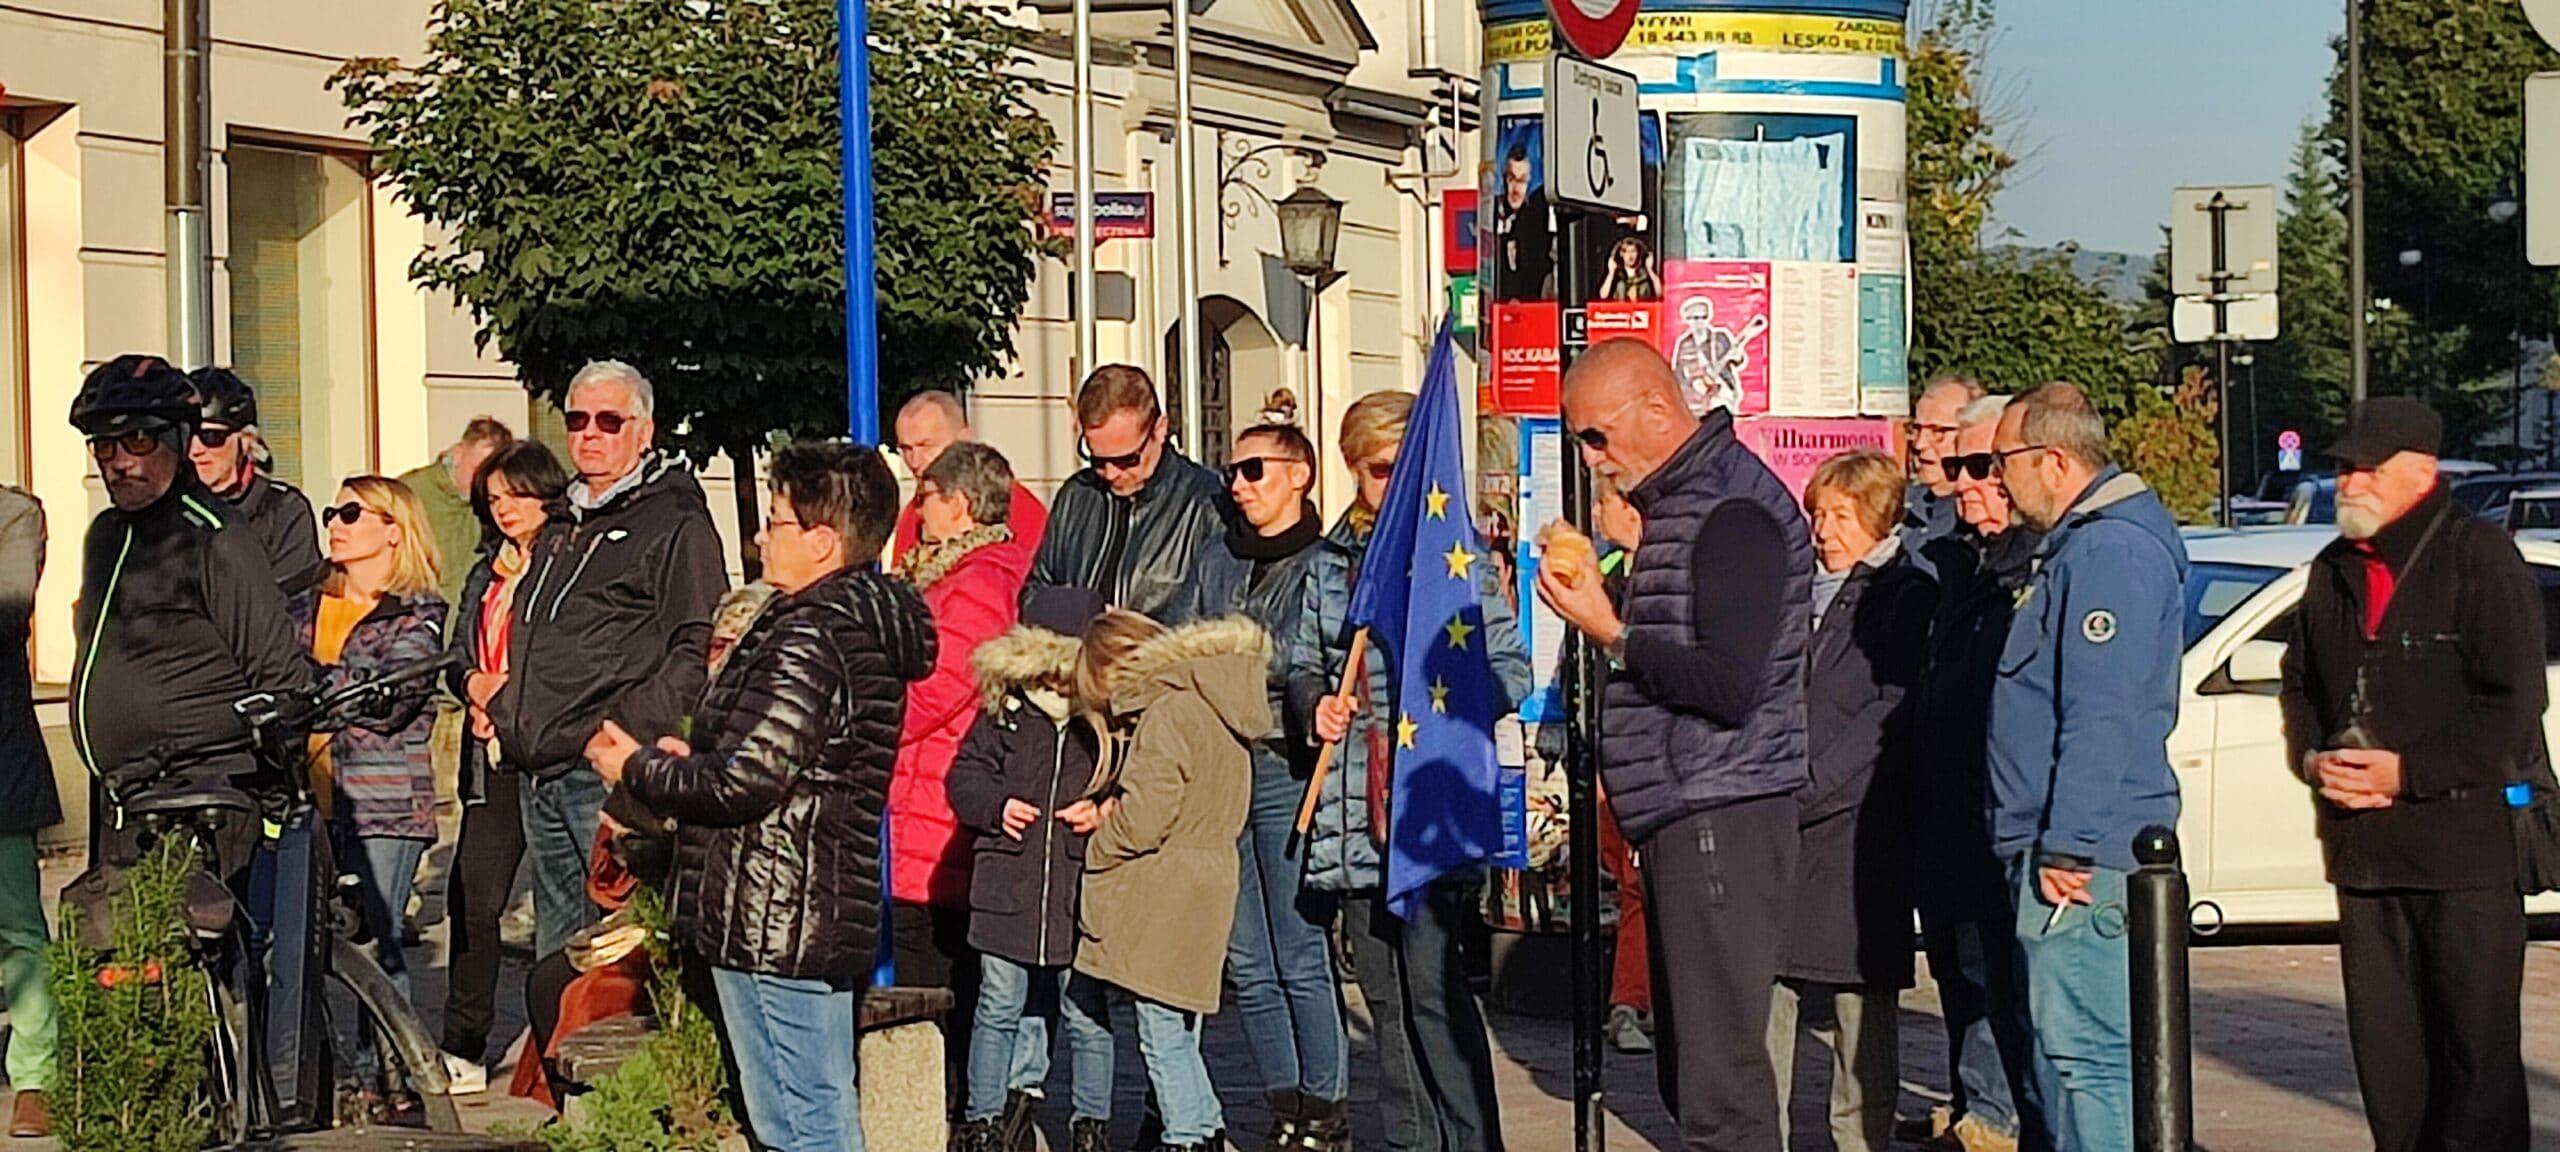 Antyrządowa demonstracja w Nowym Sączu, protest w obronie obecności Polski w UE